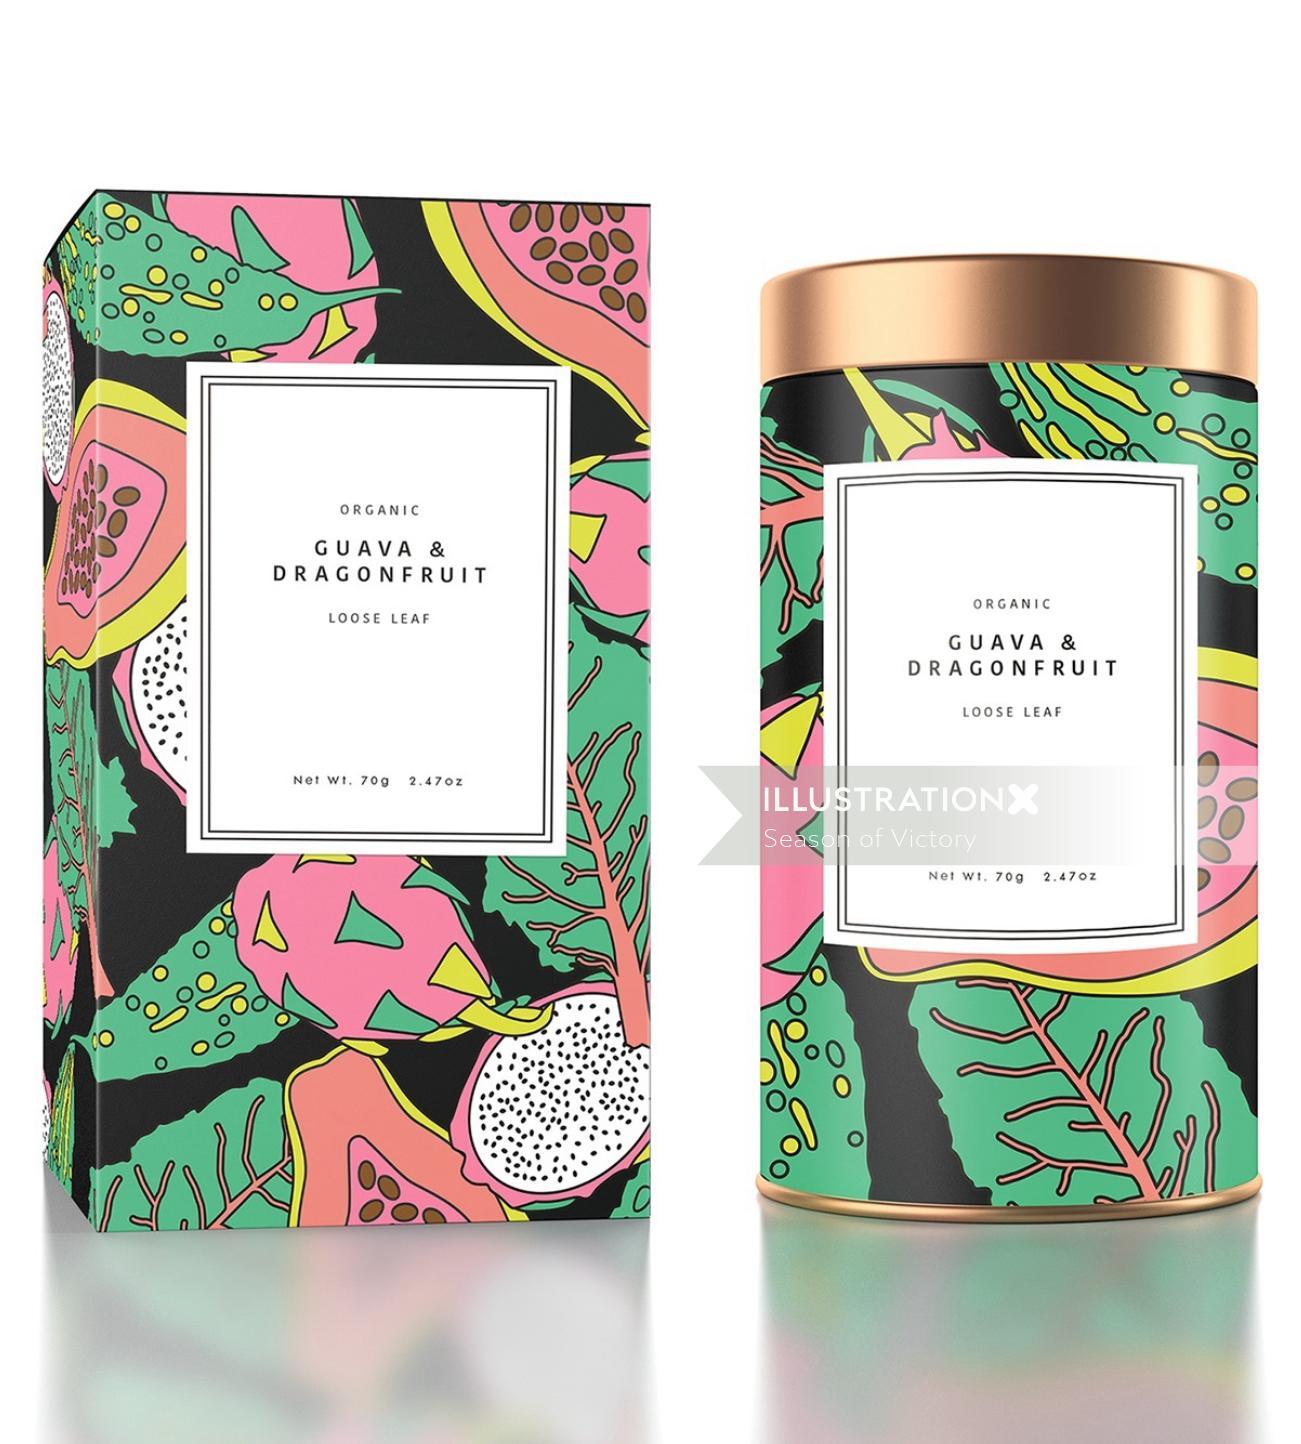 fruit, packaging, pattern, vegetable, tropical, fruity, exotic, drink, tea